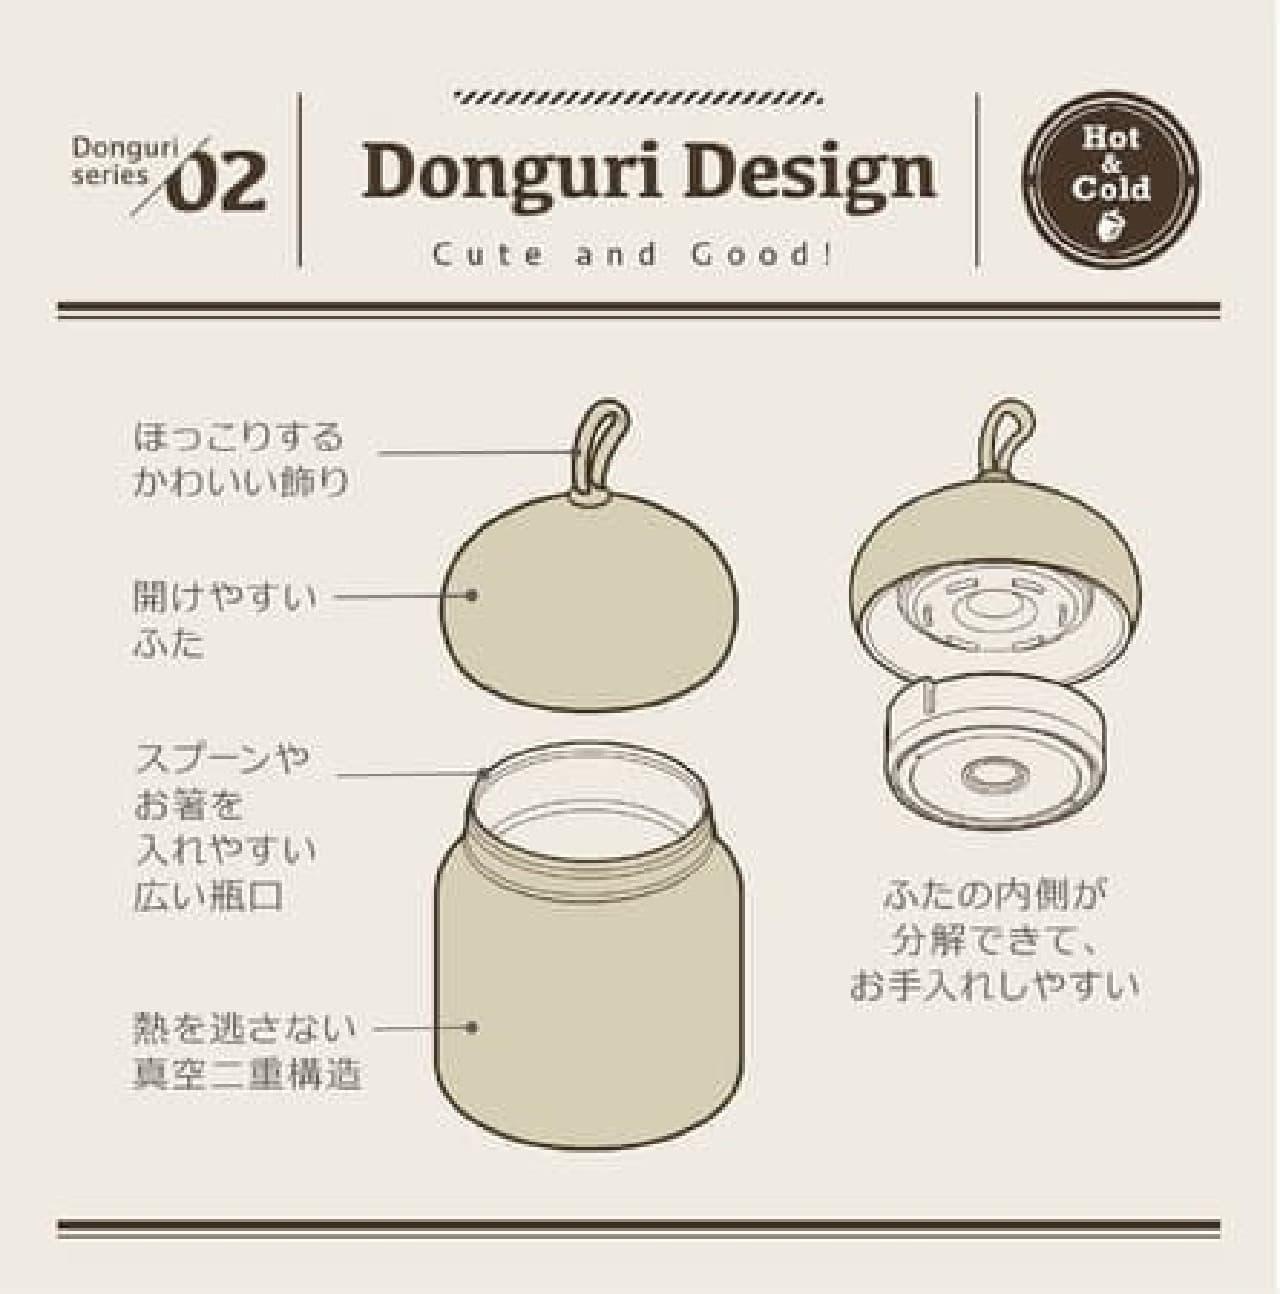 ドングリマグ・ドングリジャー新色2種 -- 可愛いどんぐり型まほうびん